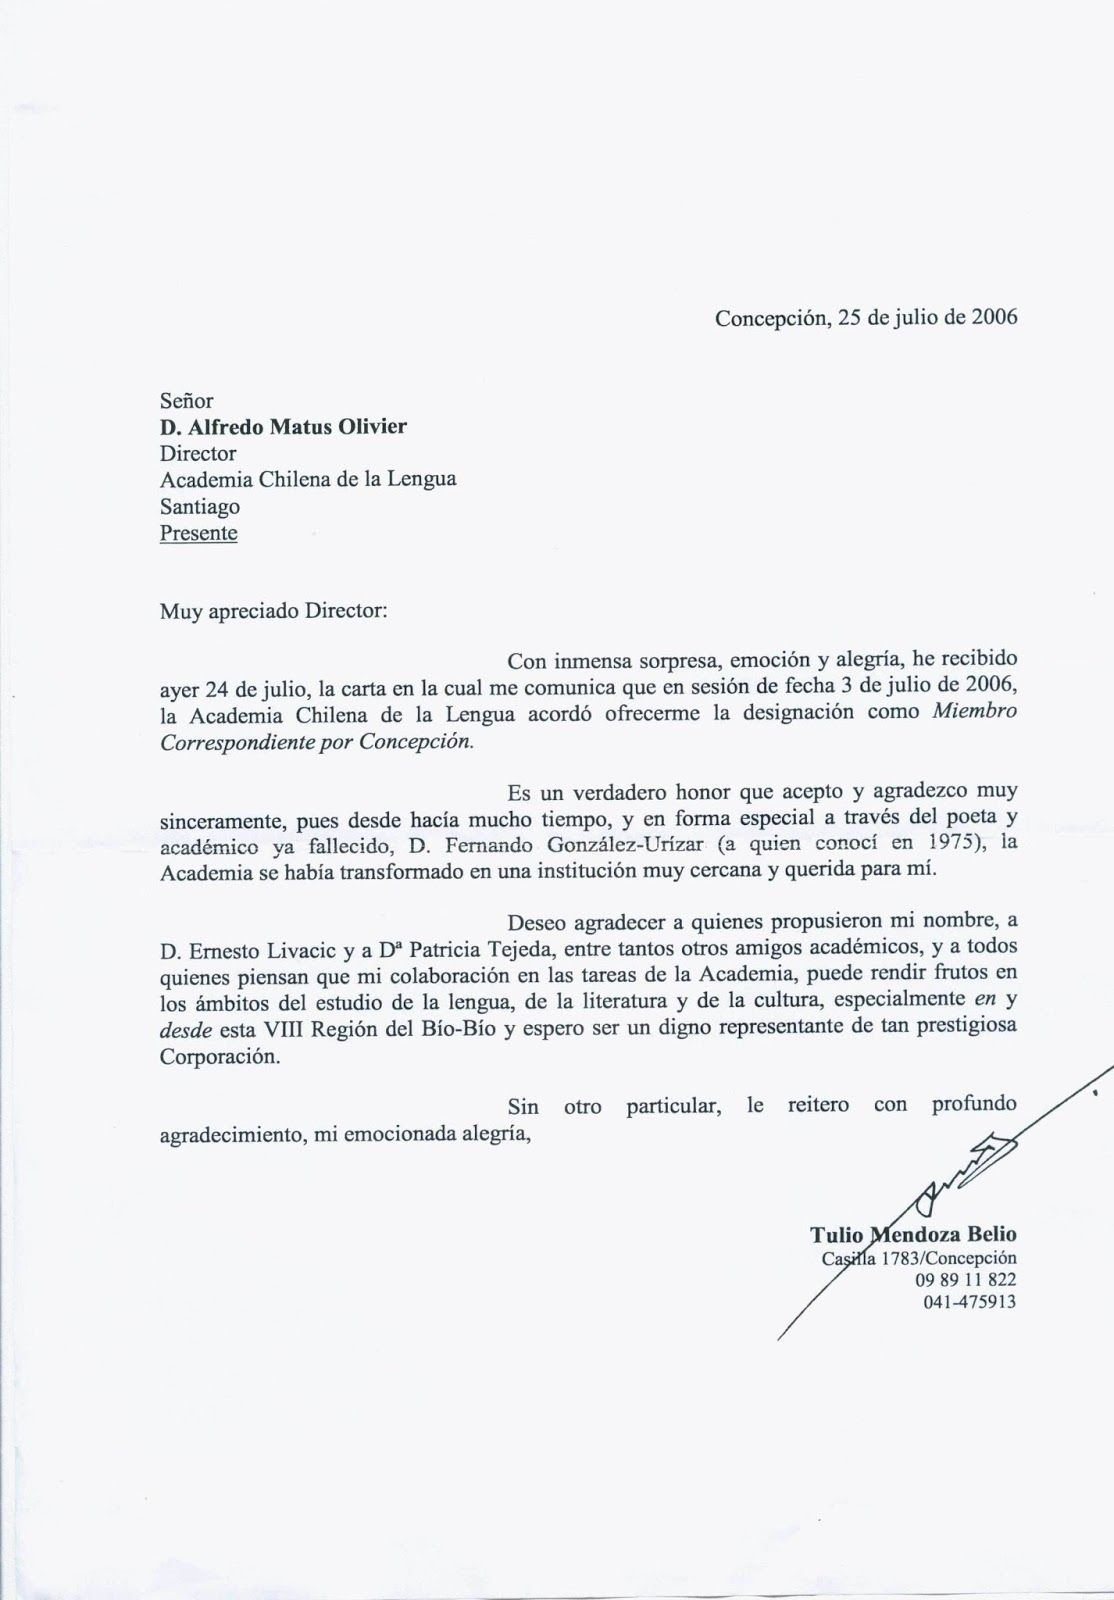 Imagen Relacionada Carta De Solicitud Formato De Carta Carta De Renuncia